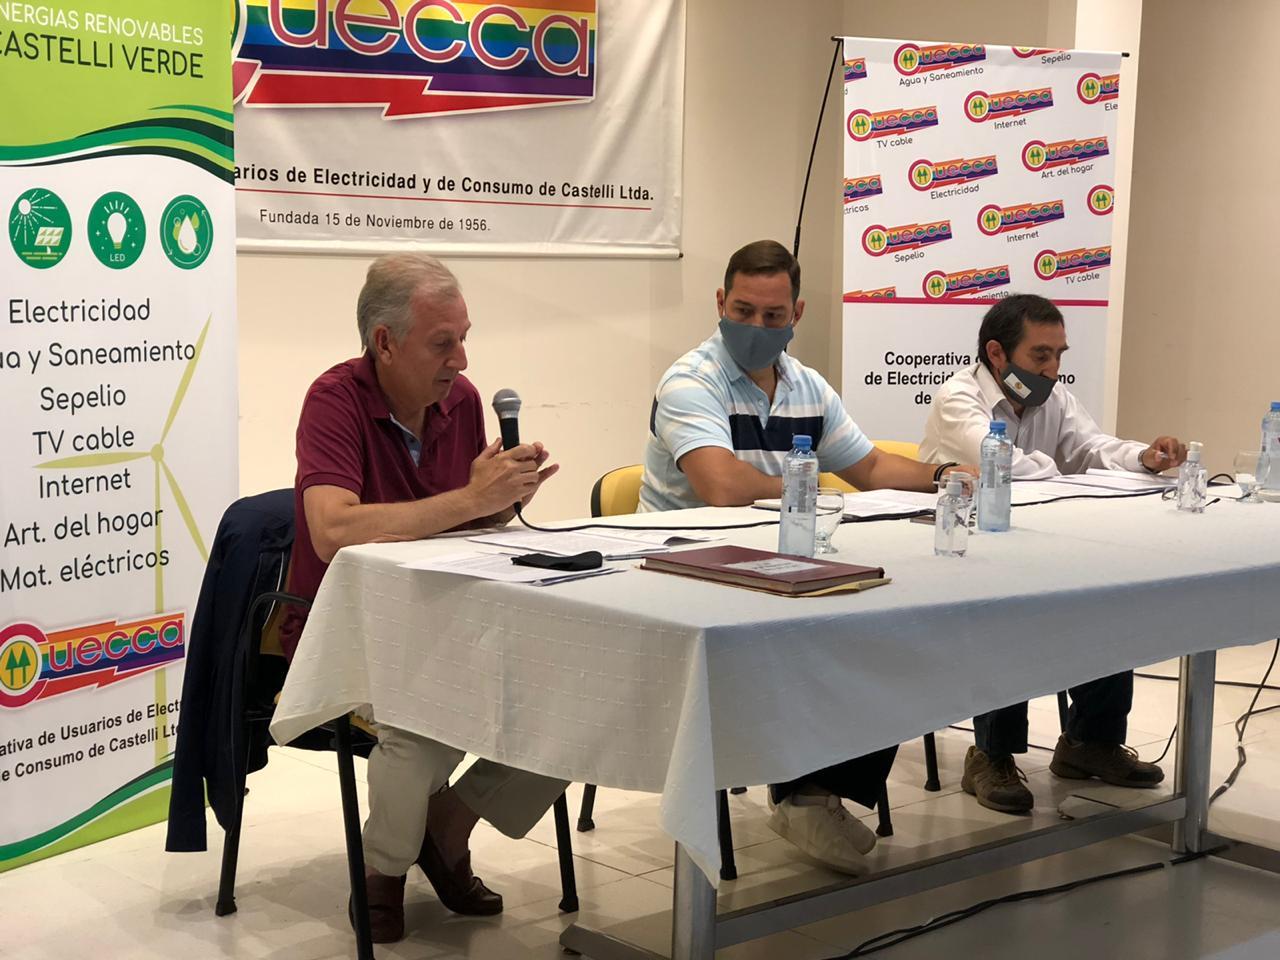 CUECCA REALIZÓ LA ASAMBLEA ANUAL ORDINARIA